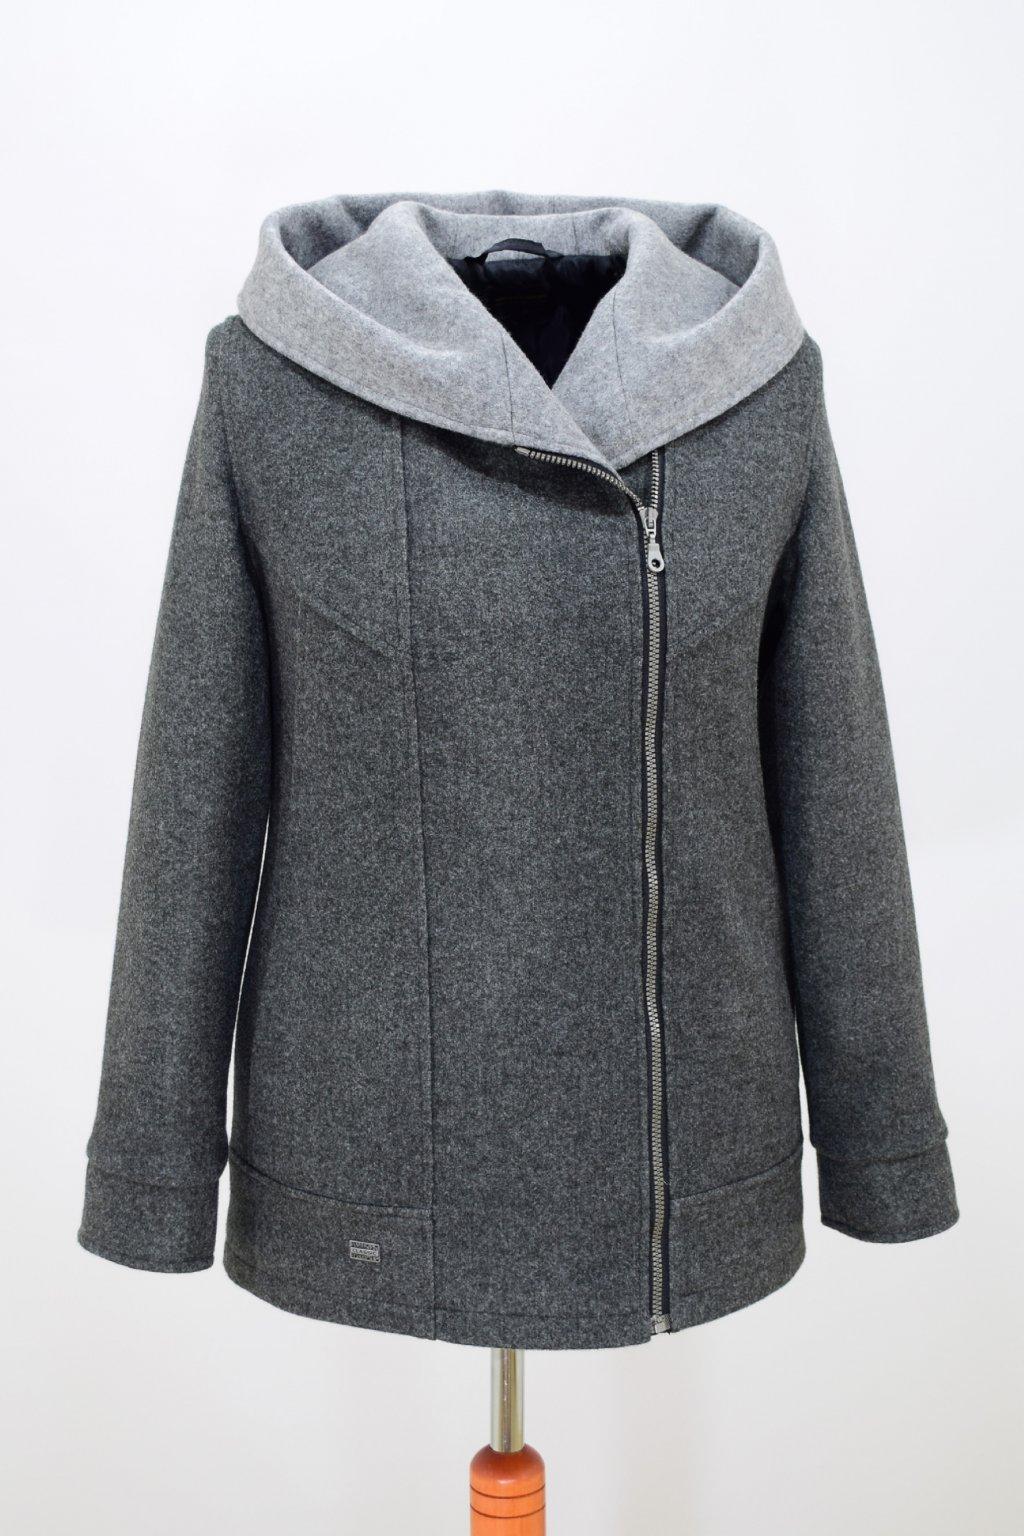 Dámská šedá zimní bunda Inka nadměrné velikosti.